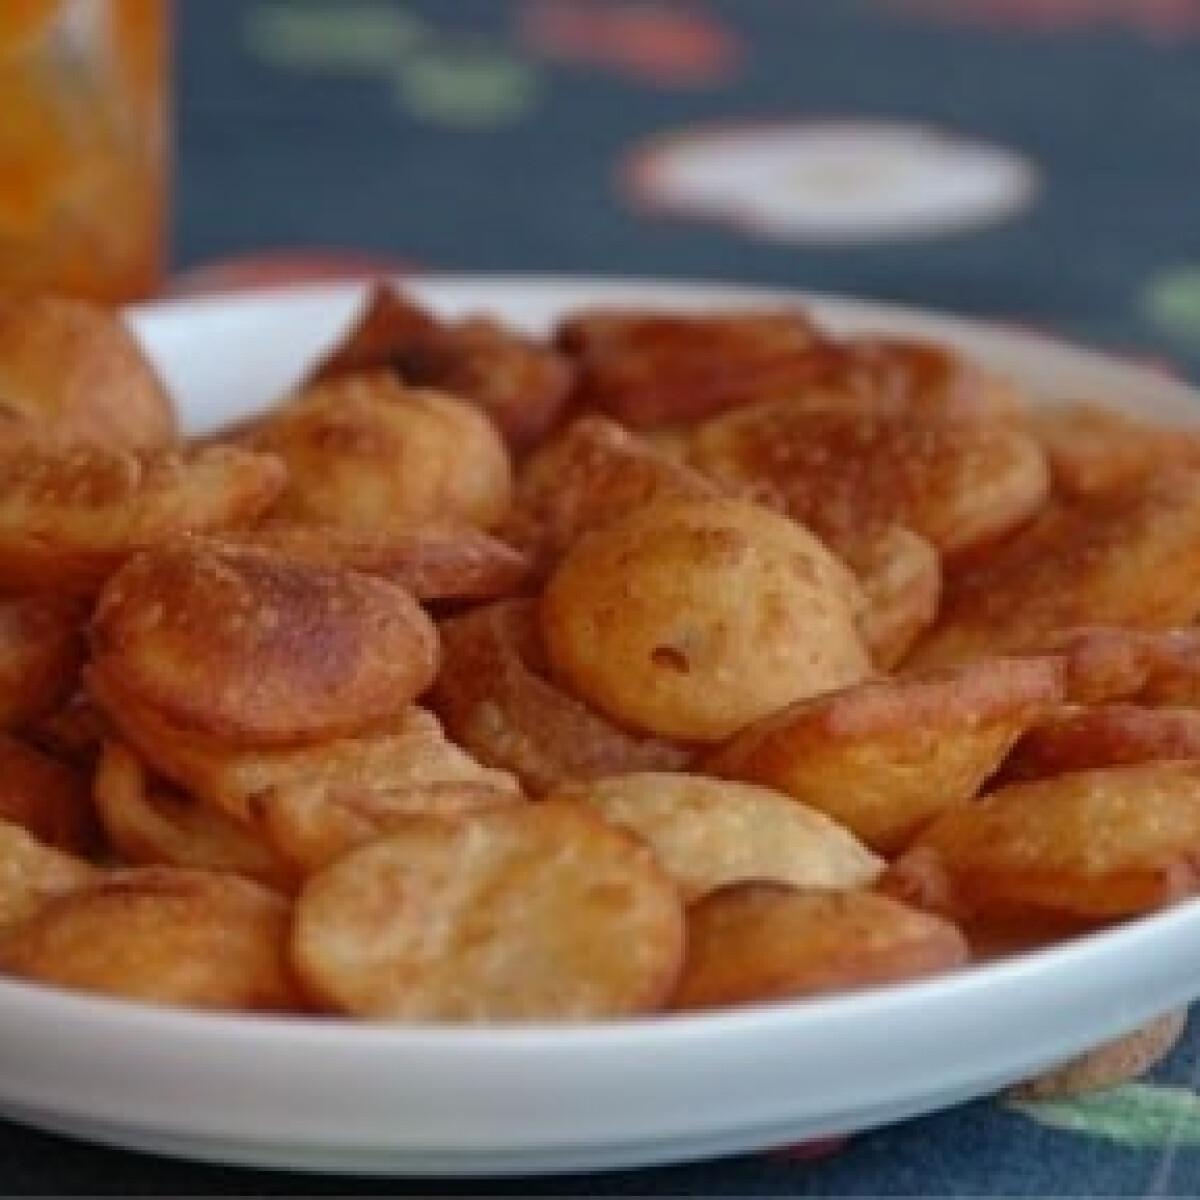 Krumplipacsni